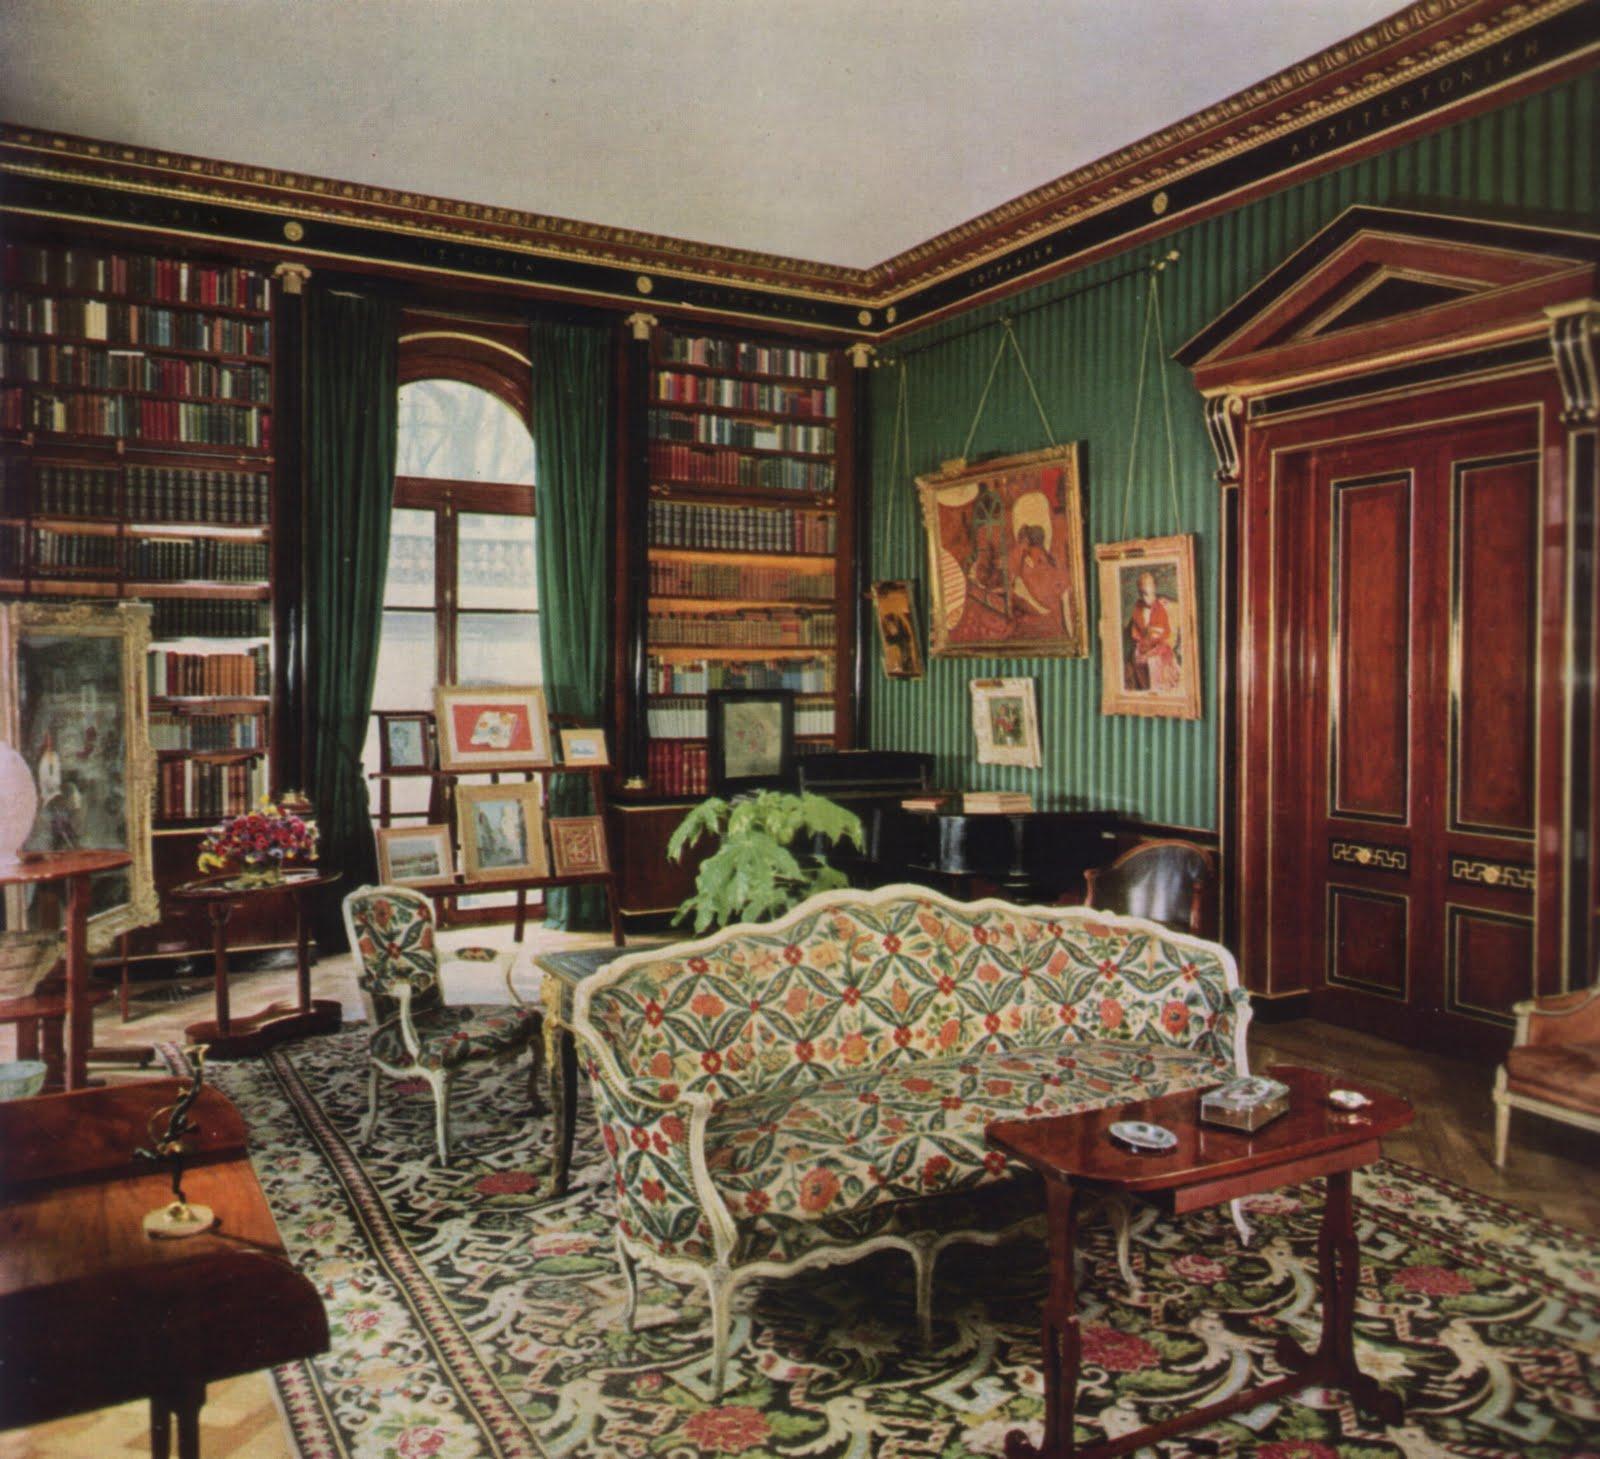 Emilio terry cozy elegant living rooms pinterest - Cozy elegant living rooms ...